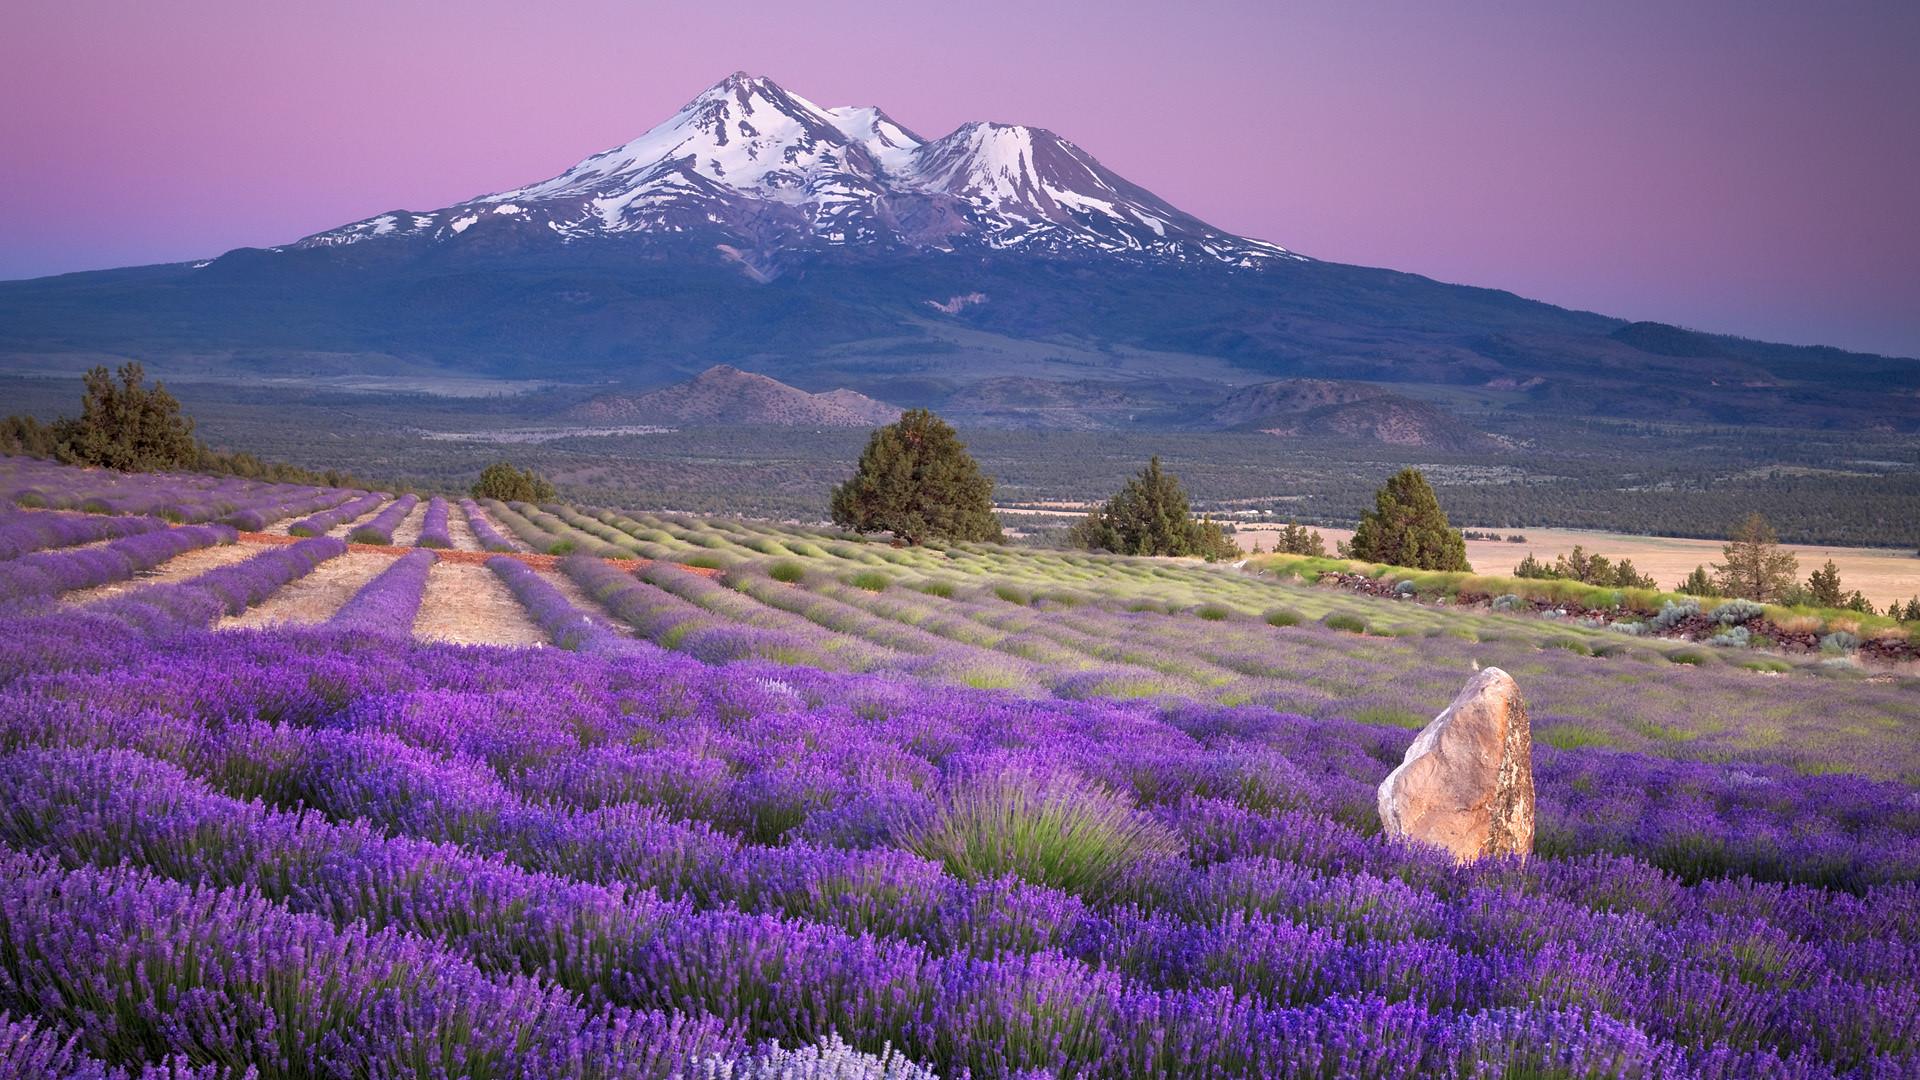 Res: 1920x1080, Mt Fuji Wallpaper 34456